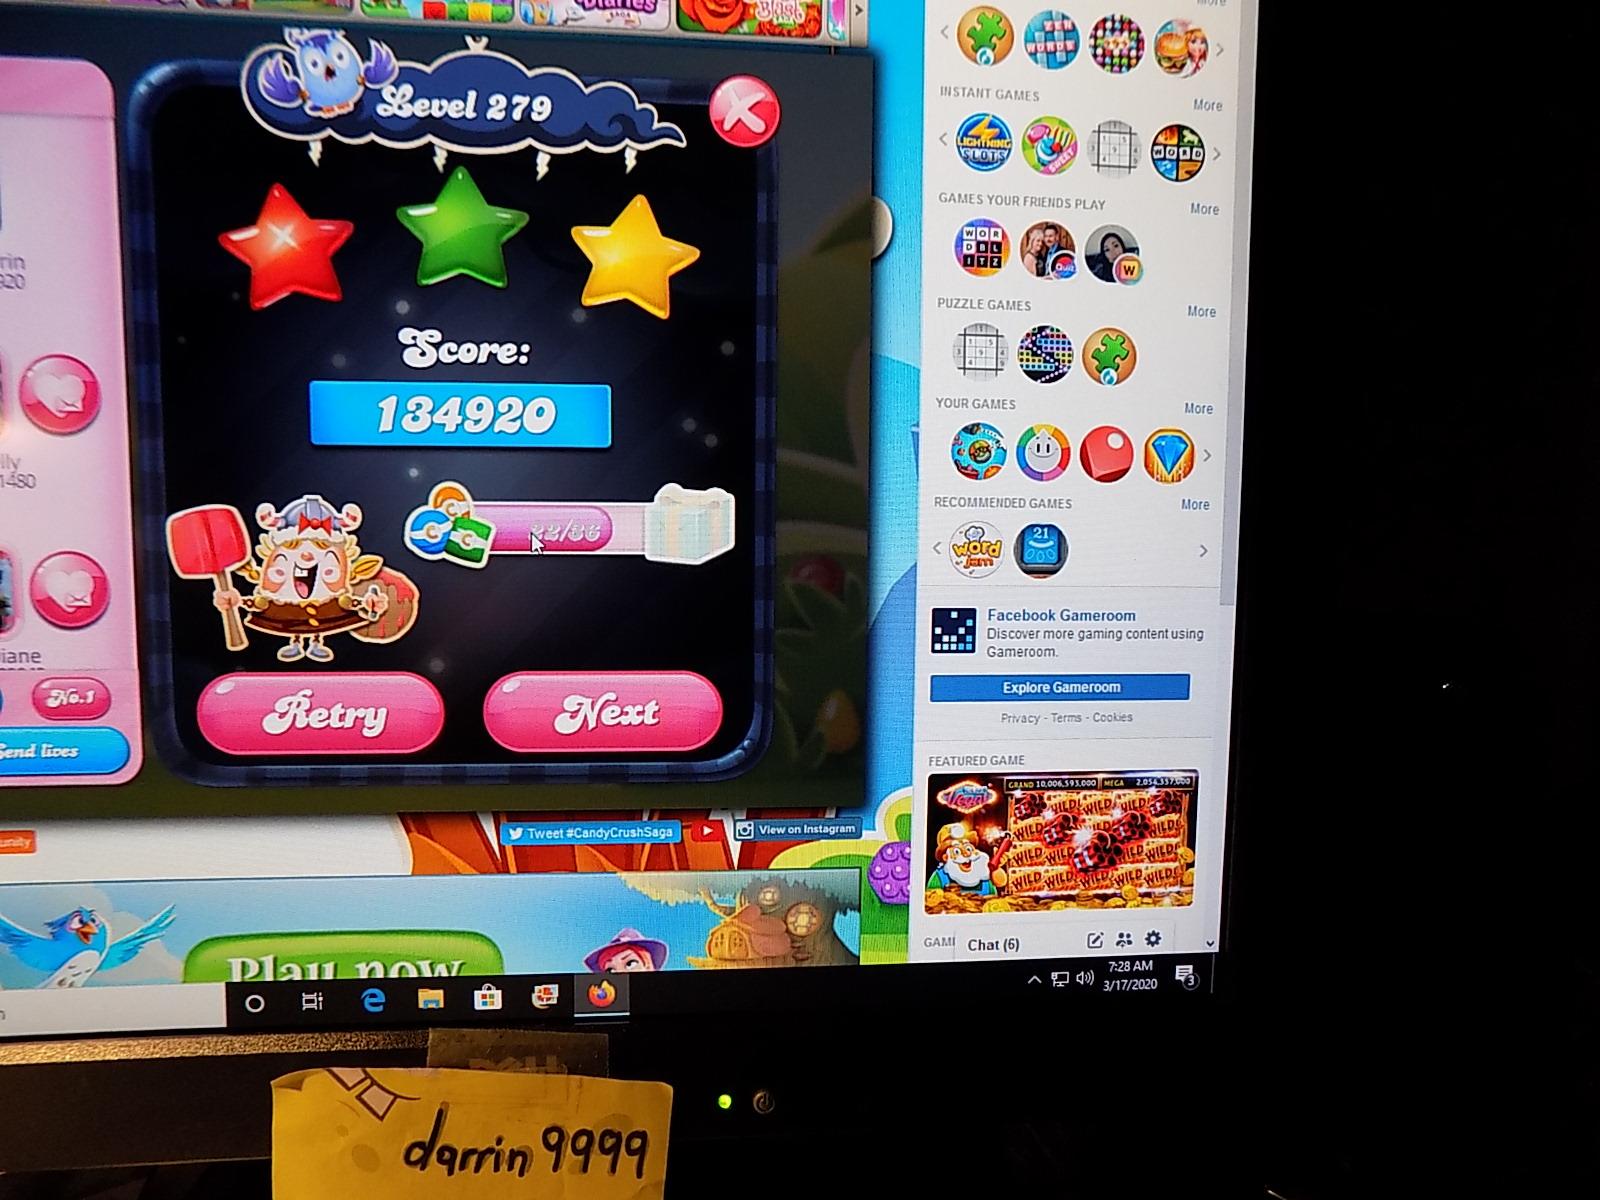 darrin9999: Candy Crush Saga: Level 279 (Web) 134,920 points on 2020-04-20 06:36:55